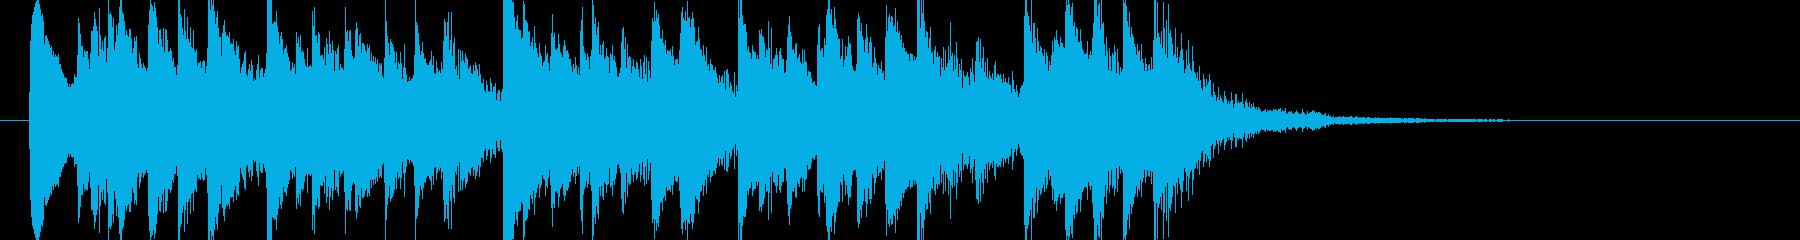 シンプルなアコースティックギターの再生済みの波形